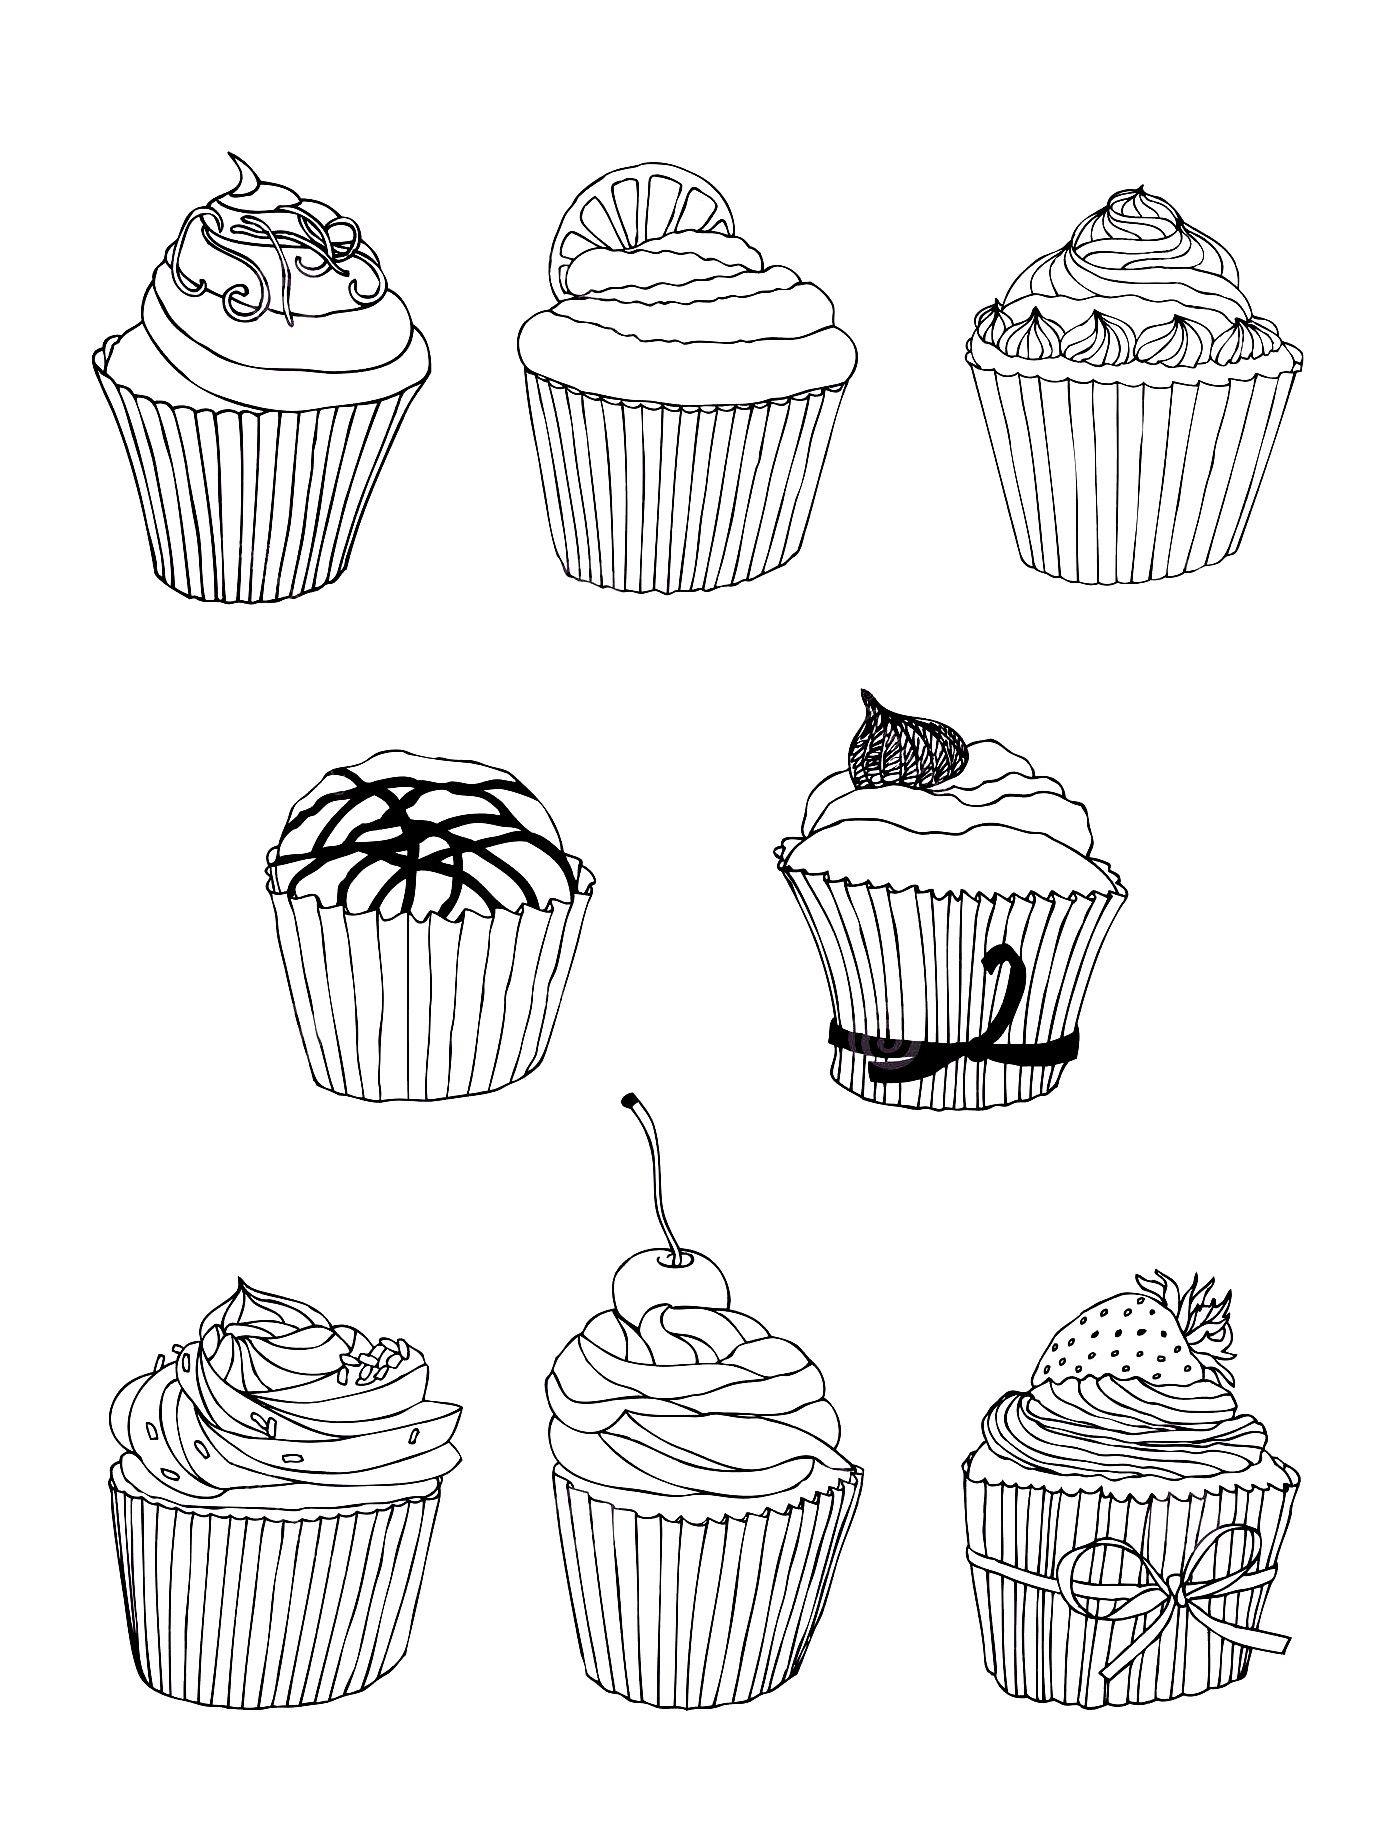 Miam tr¨s raffinés ces bons Cup Cakes  imprimer et colorier Dans la galerie Cup Cakes